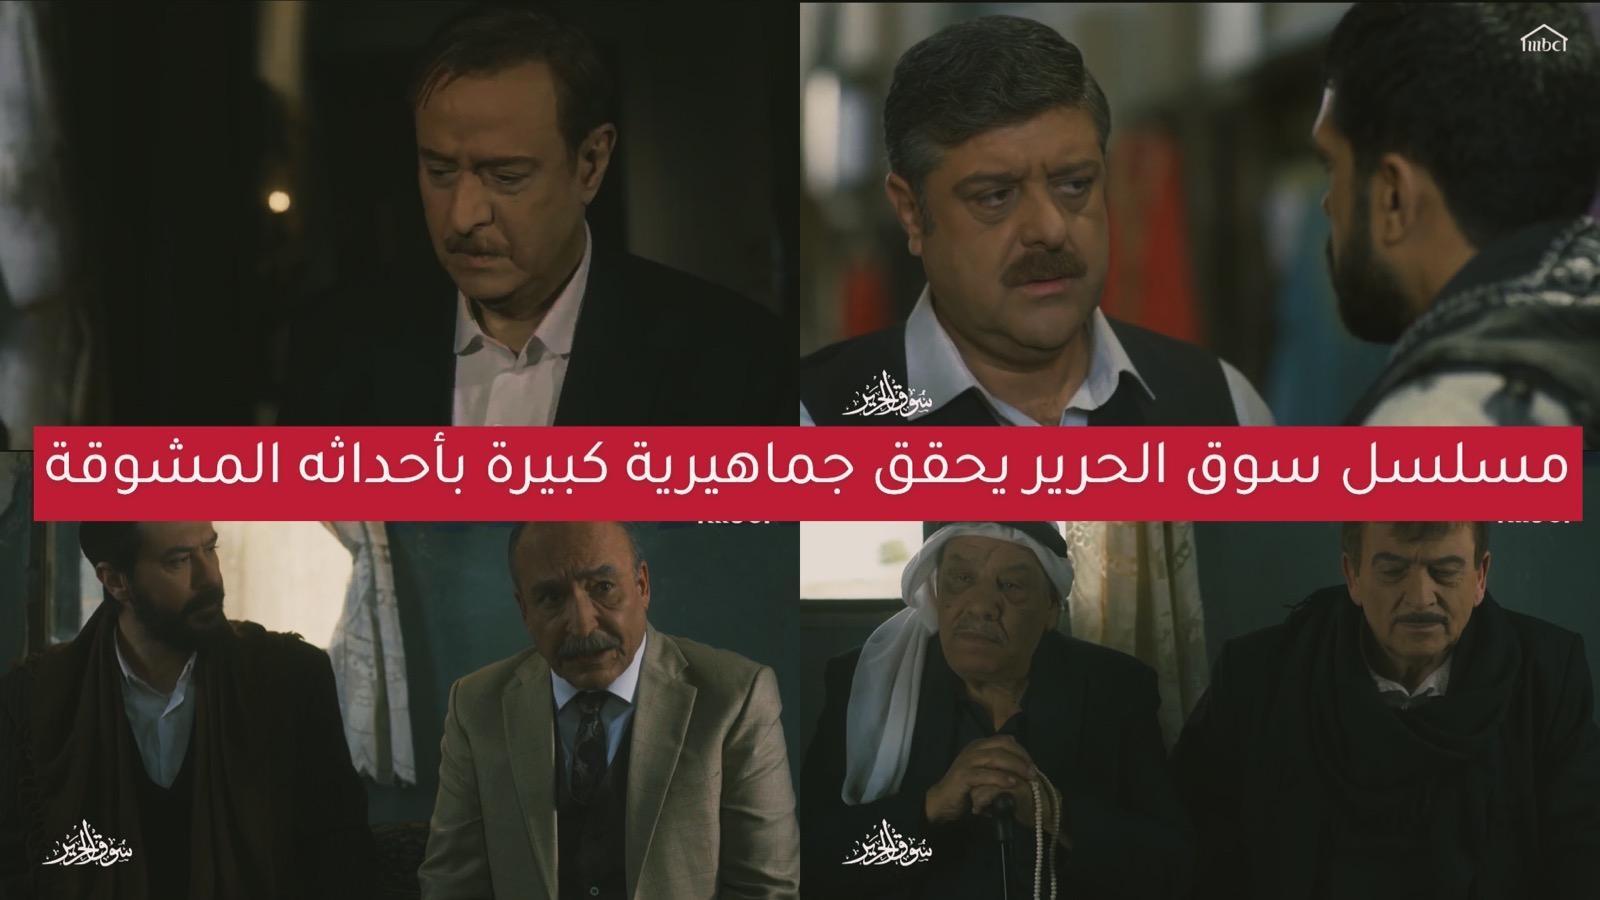 سوق الحرير, رمضان 2020, مسلسلات رمضان, مسلسلات رمضان 2020, مسلسل سوري رمضان 2020, مسلسل سوري جديد